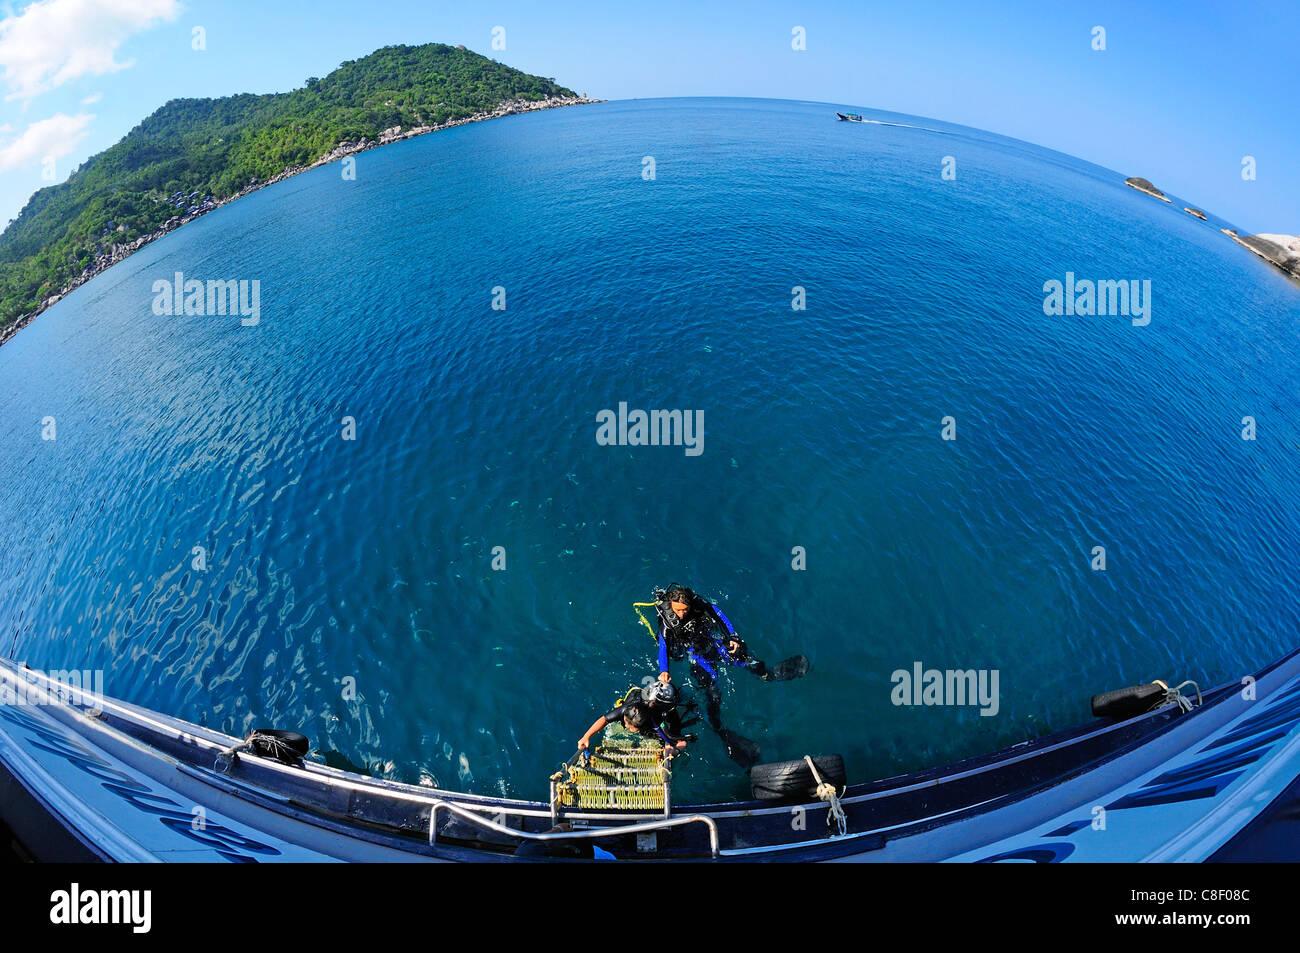 Los buceadores Hin Wong, la bahía, el viaje de buceo, Koh Tao, Tailandia, Asia Imagen De Stock